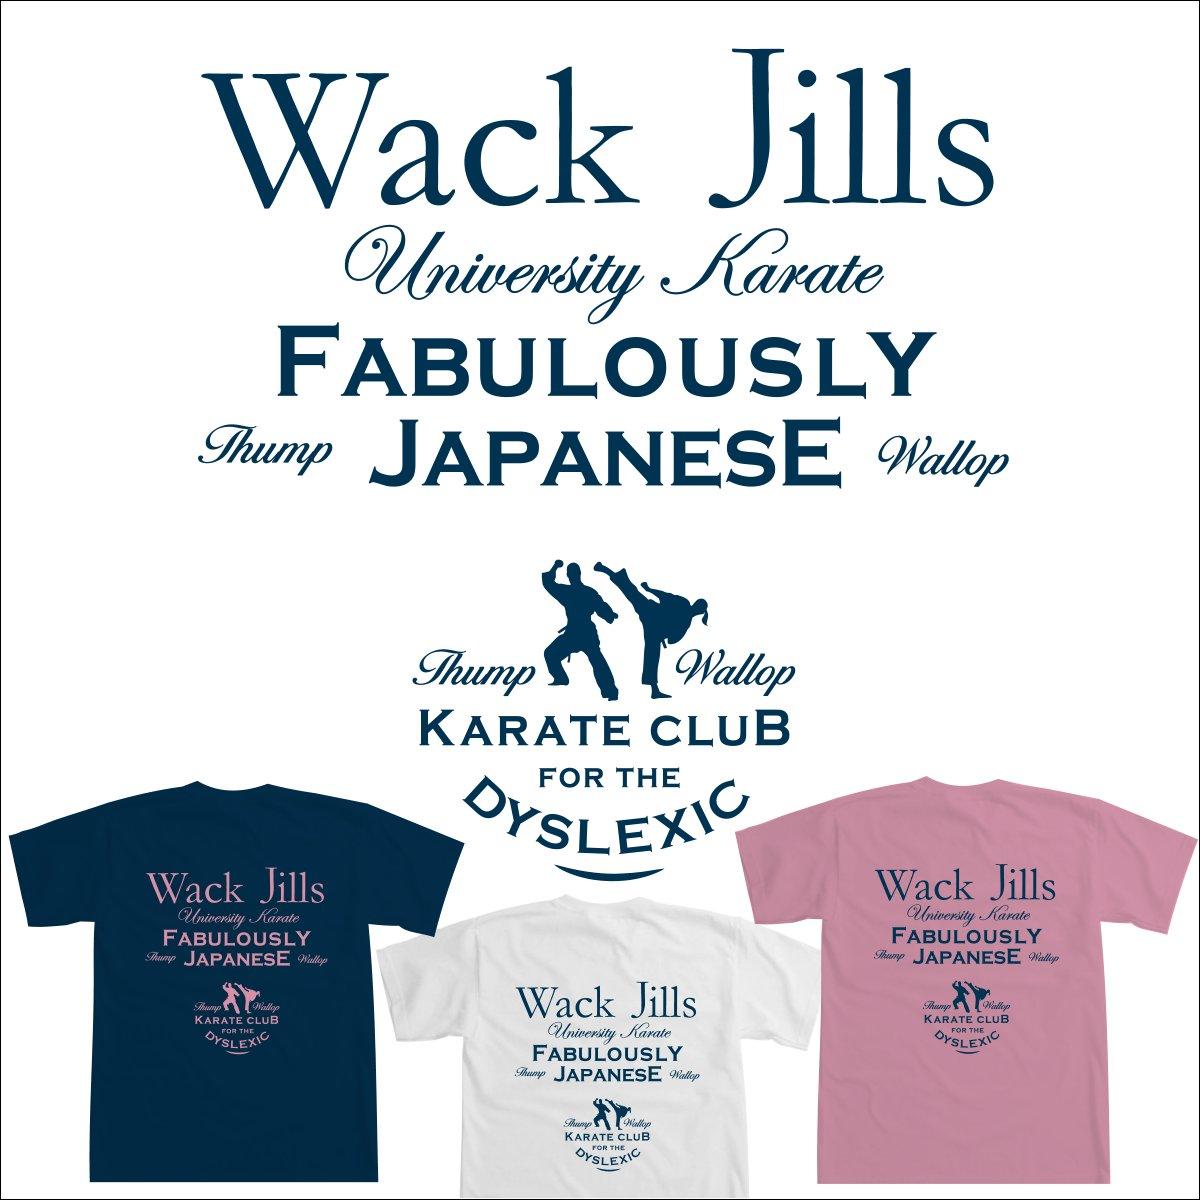 Wack Jills by ostrich. on Threadless